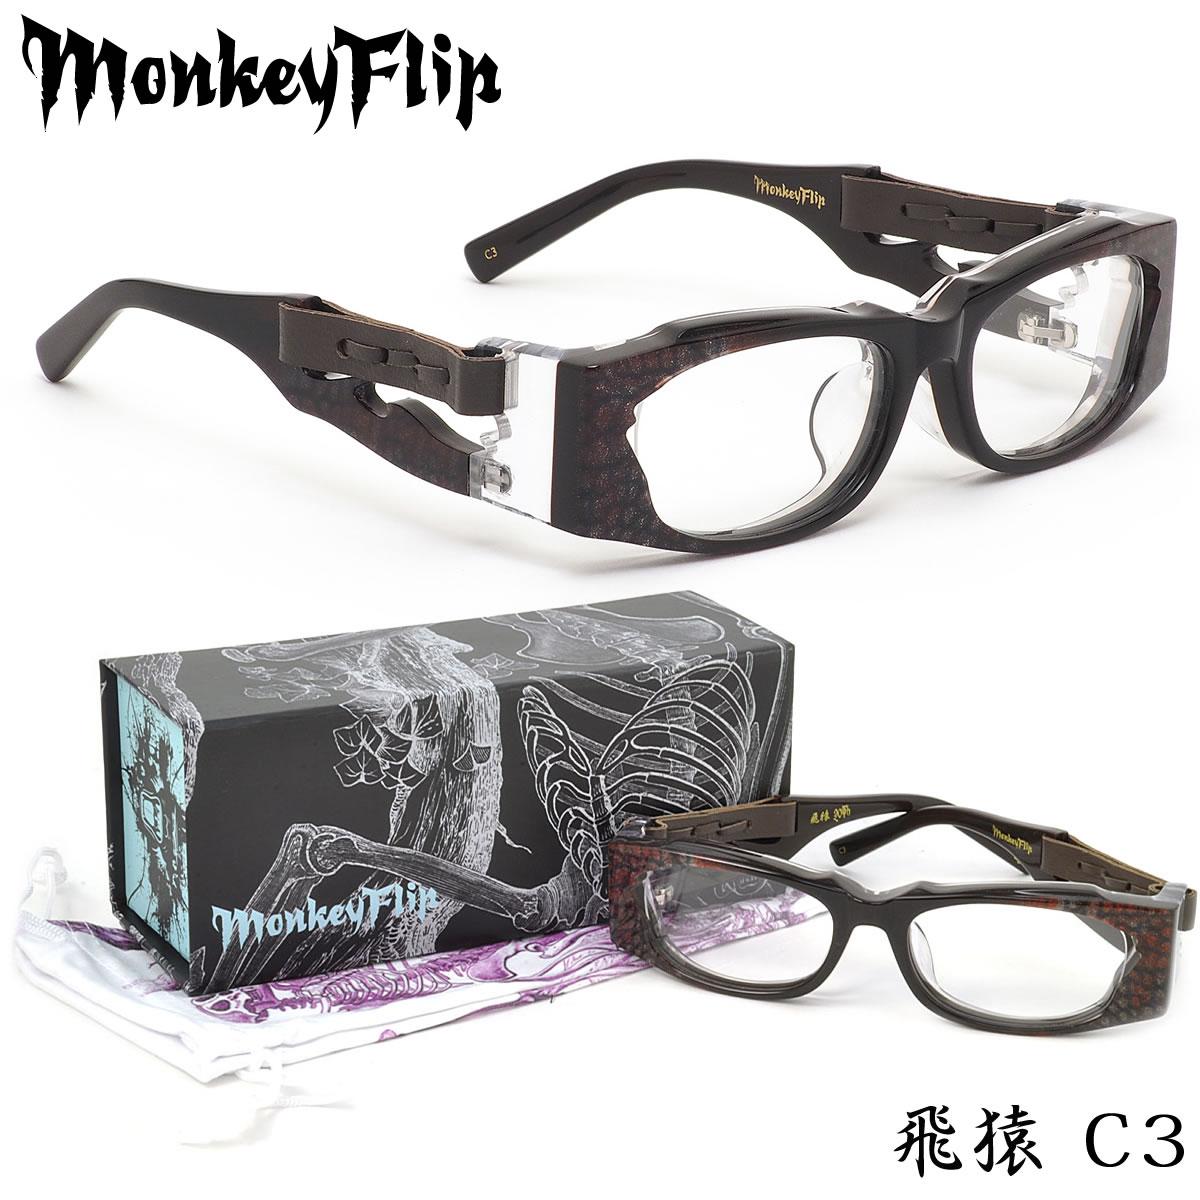 【10月30日からエントリーで全品ポイント20倍】【モンキーフリップ】 (Monkey Flip) メガネ飛猿 C3 53サイズヒエン ひえん THE END OF THE WORLDMonkeyFlip メンズ レディース